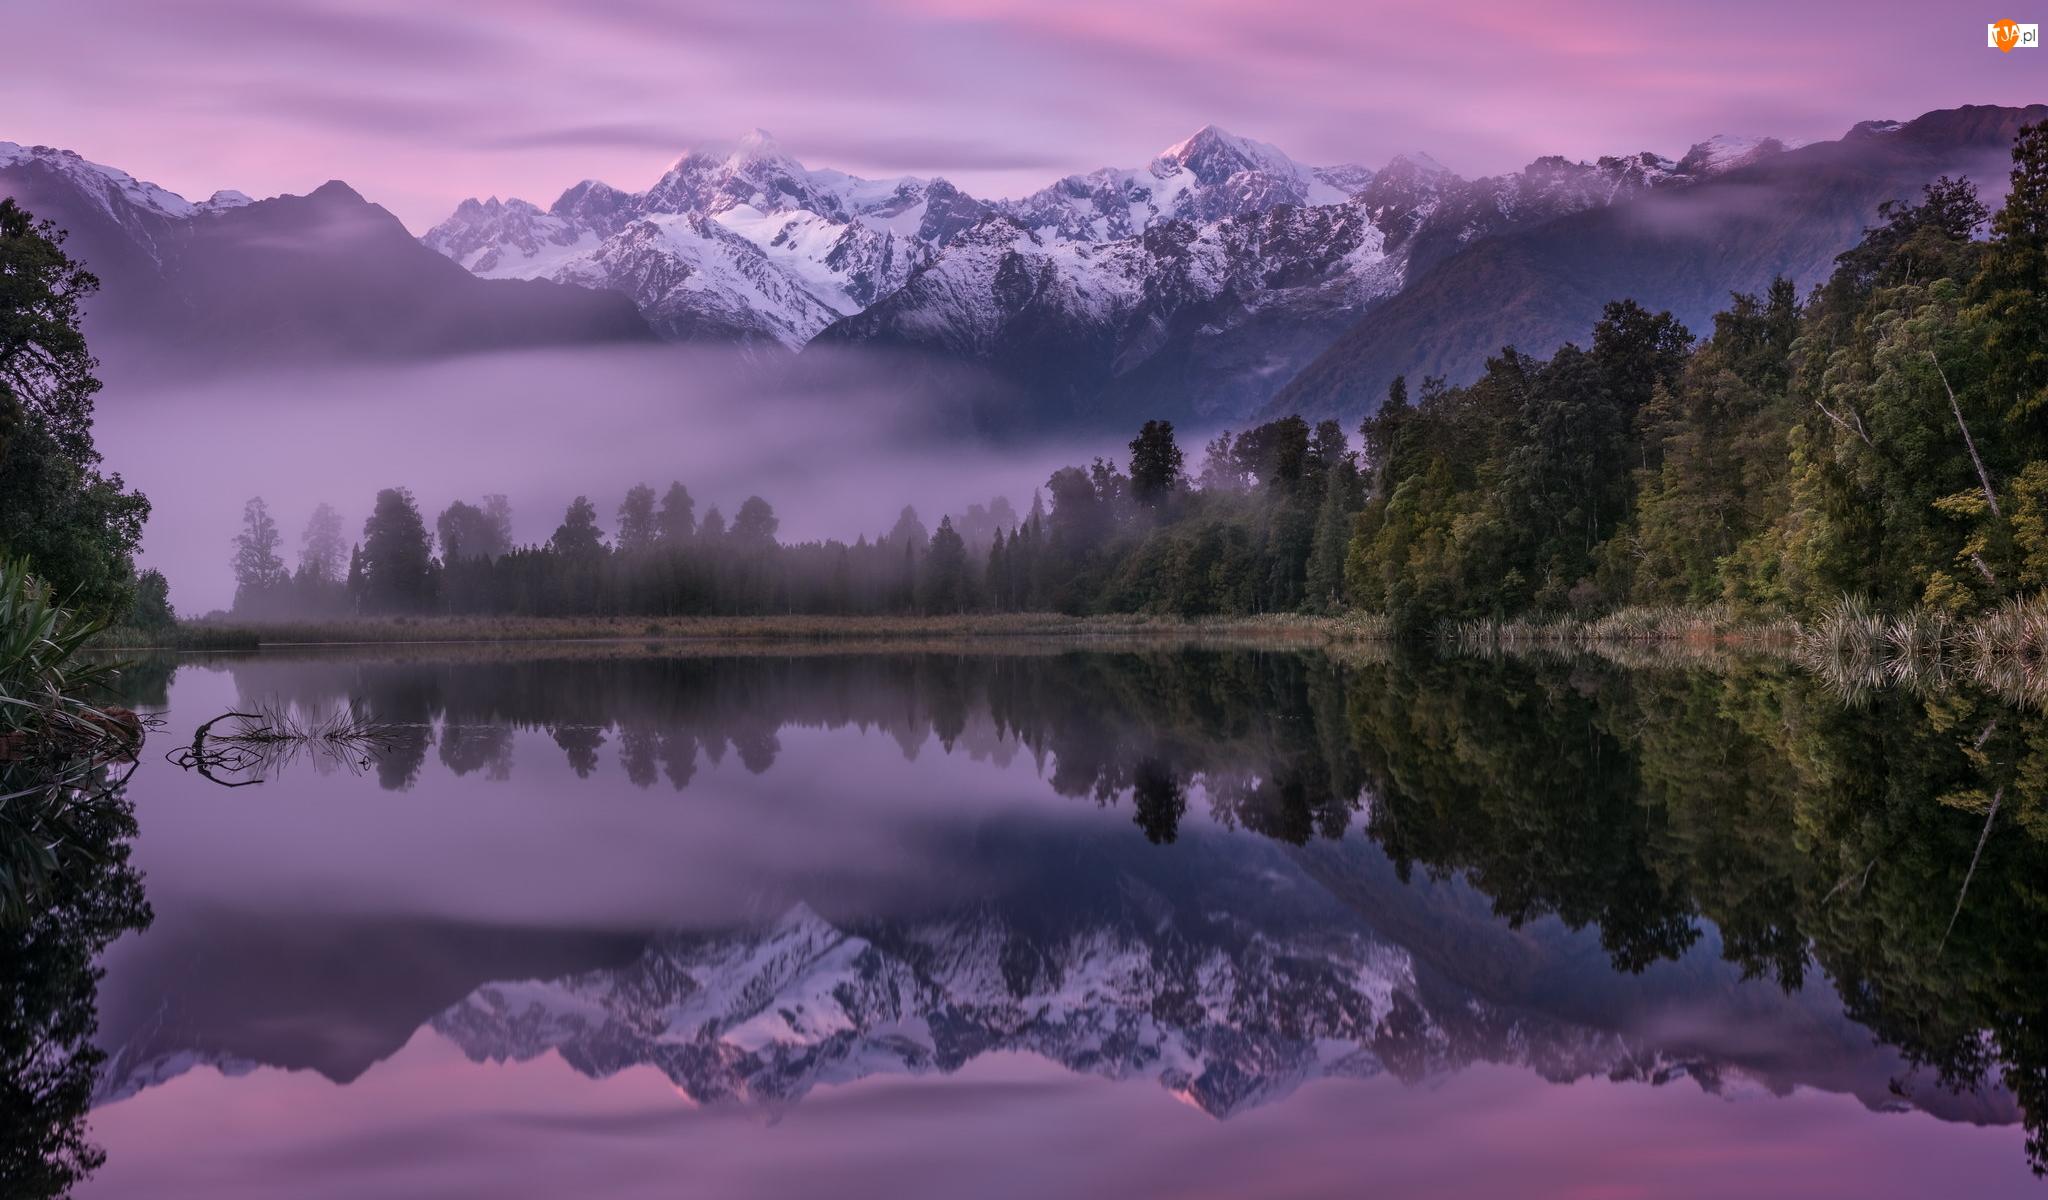 Jezioro Matheson, Wschód słońca, Drzewa, Góra Cooka, Góry, Mgła, Nowa Zelandia, Odbicie